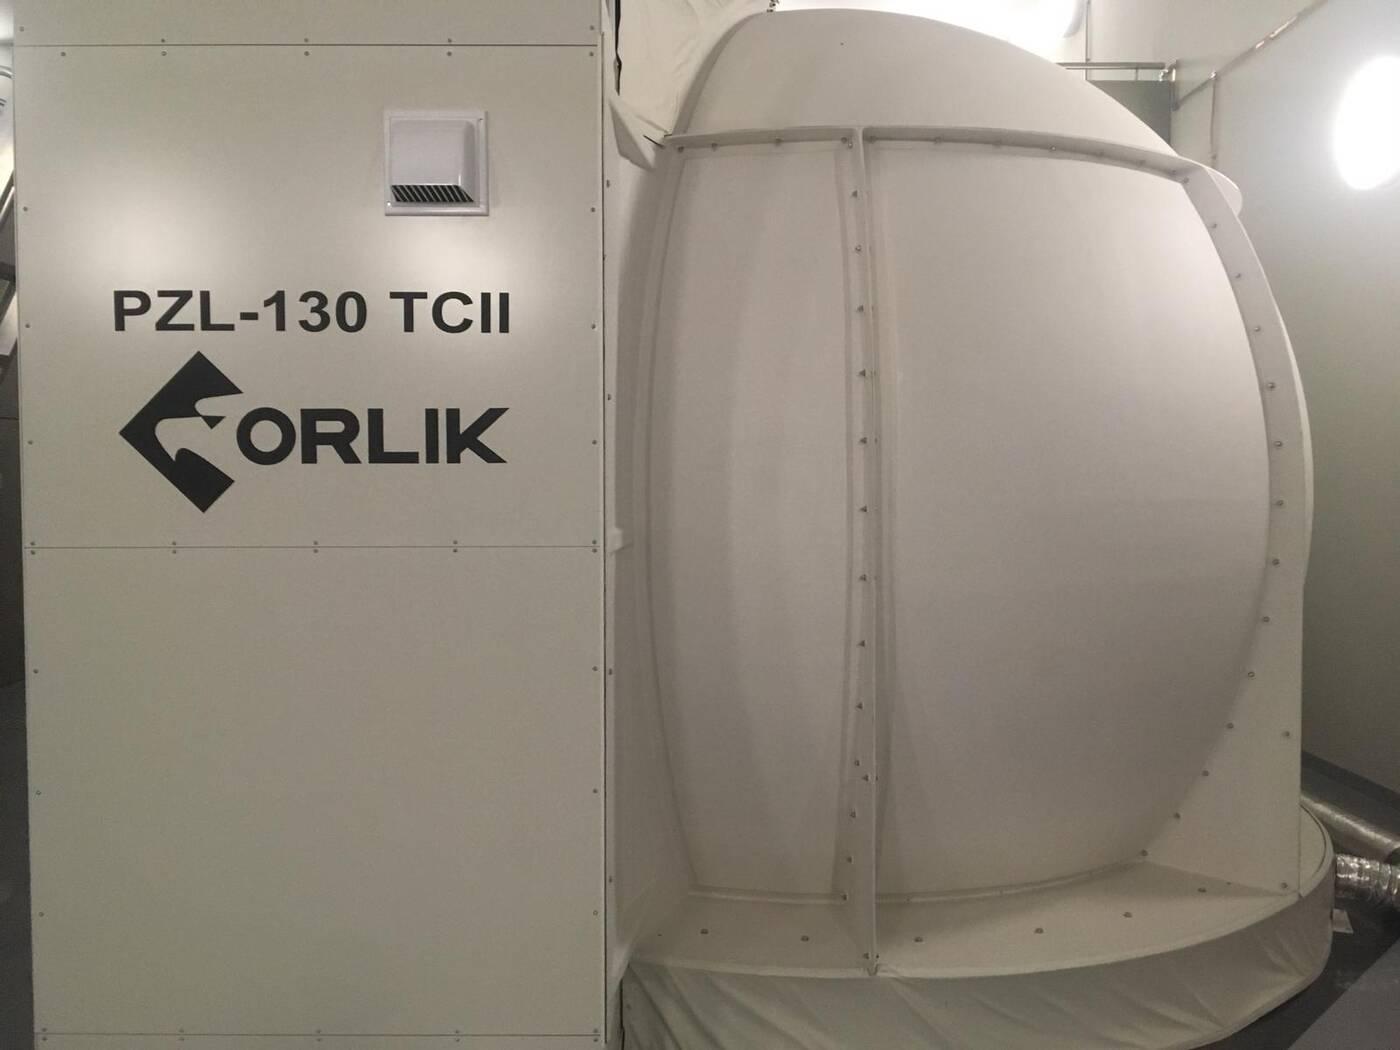 Nowy symulator samolotu szkoleniowego dla polskich Sił Powietrznych